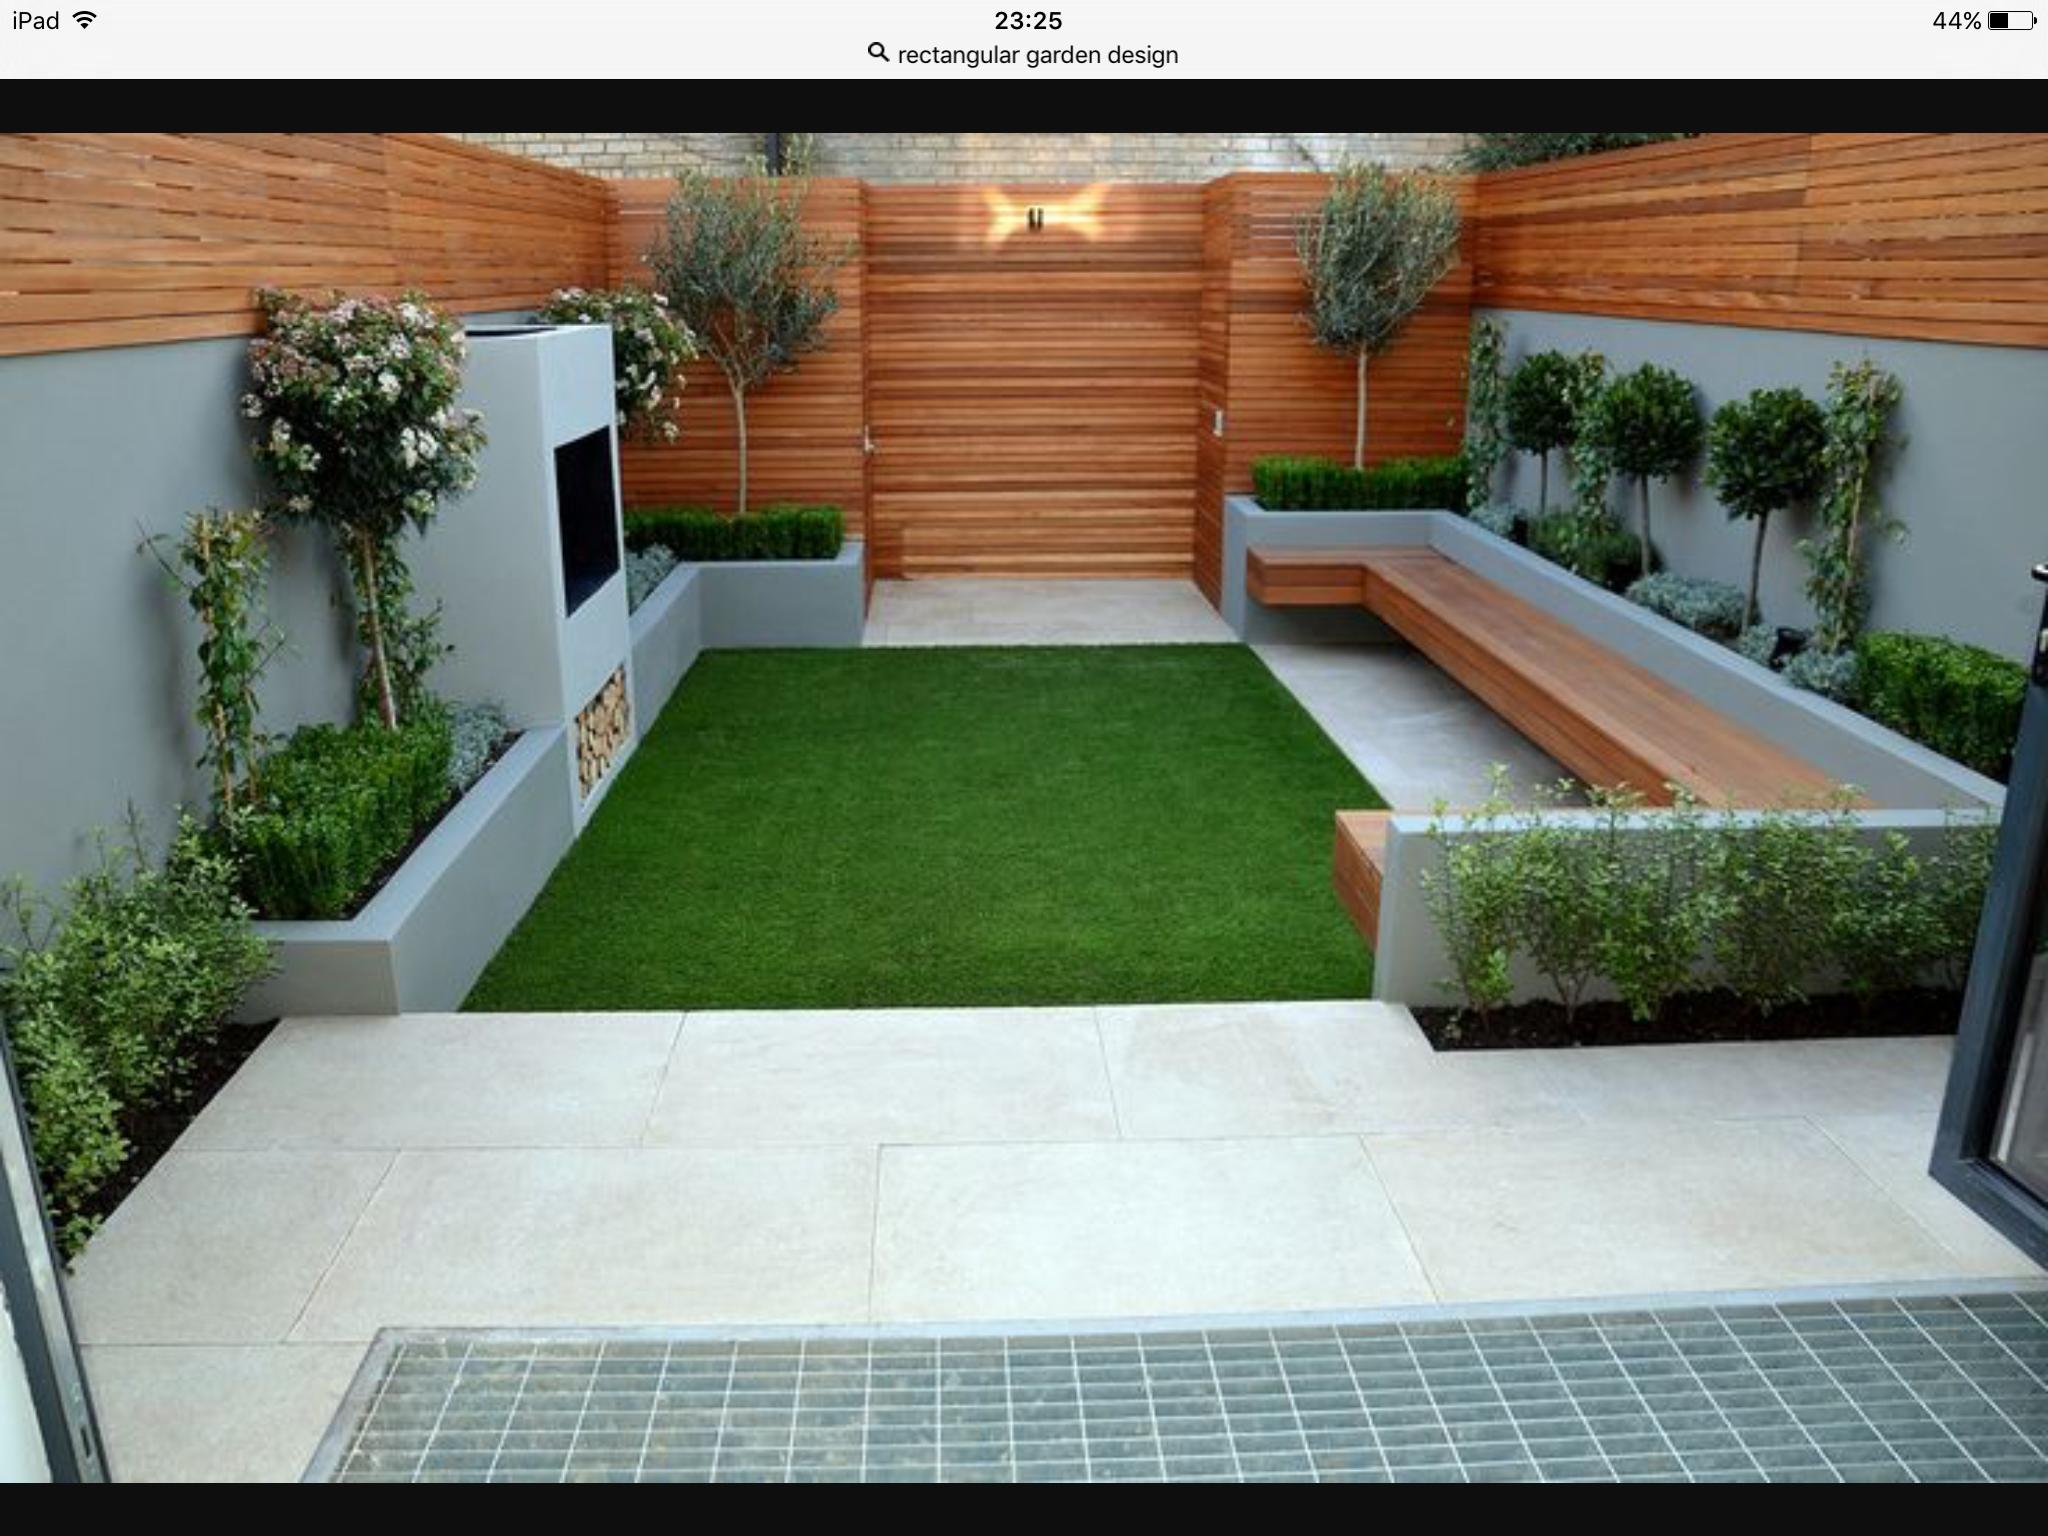 pared del patio jardin pinterest espace detente d tente et jardins. Black Bedroom Furniture Sets. Home Design Ideas